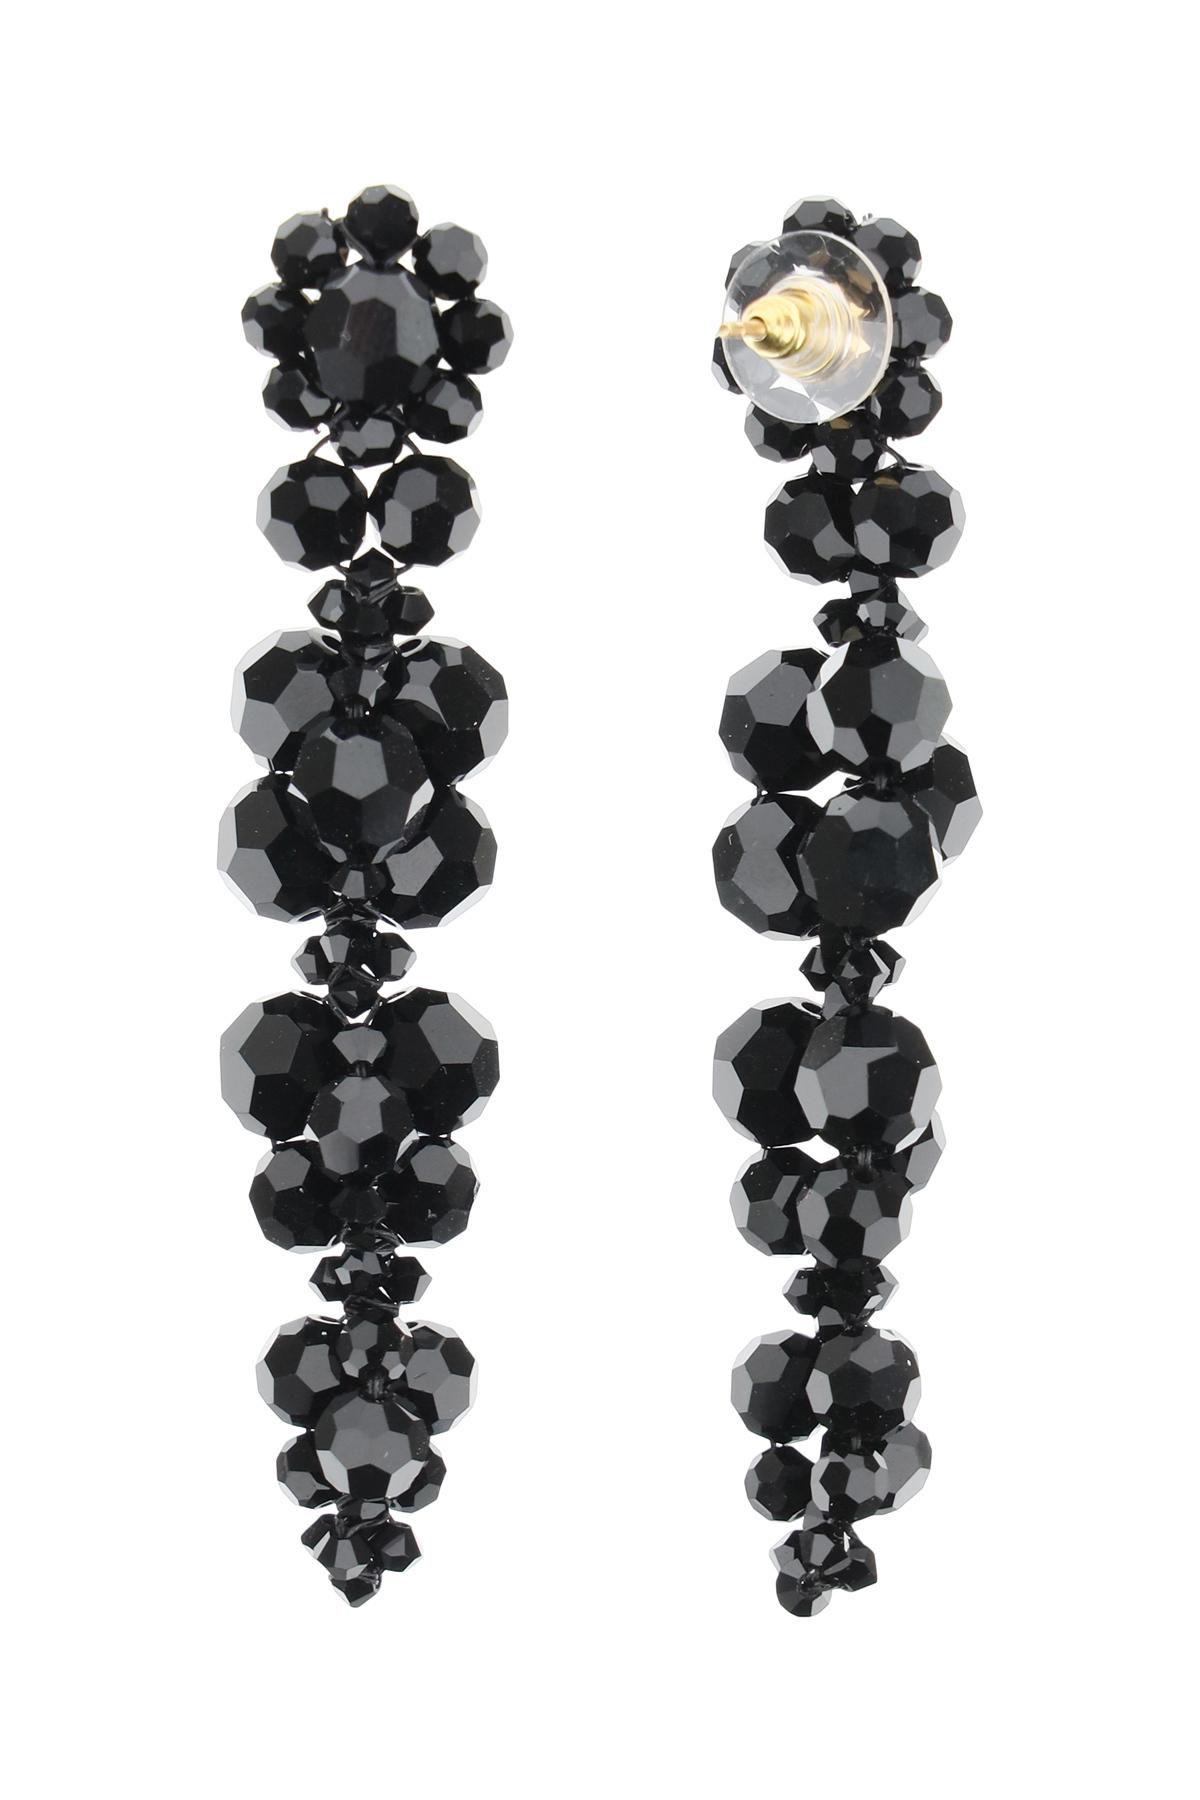 Simone rocha orecchini con cristalli